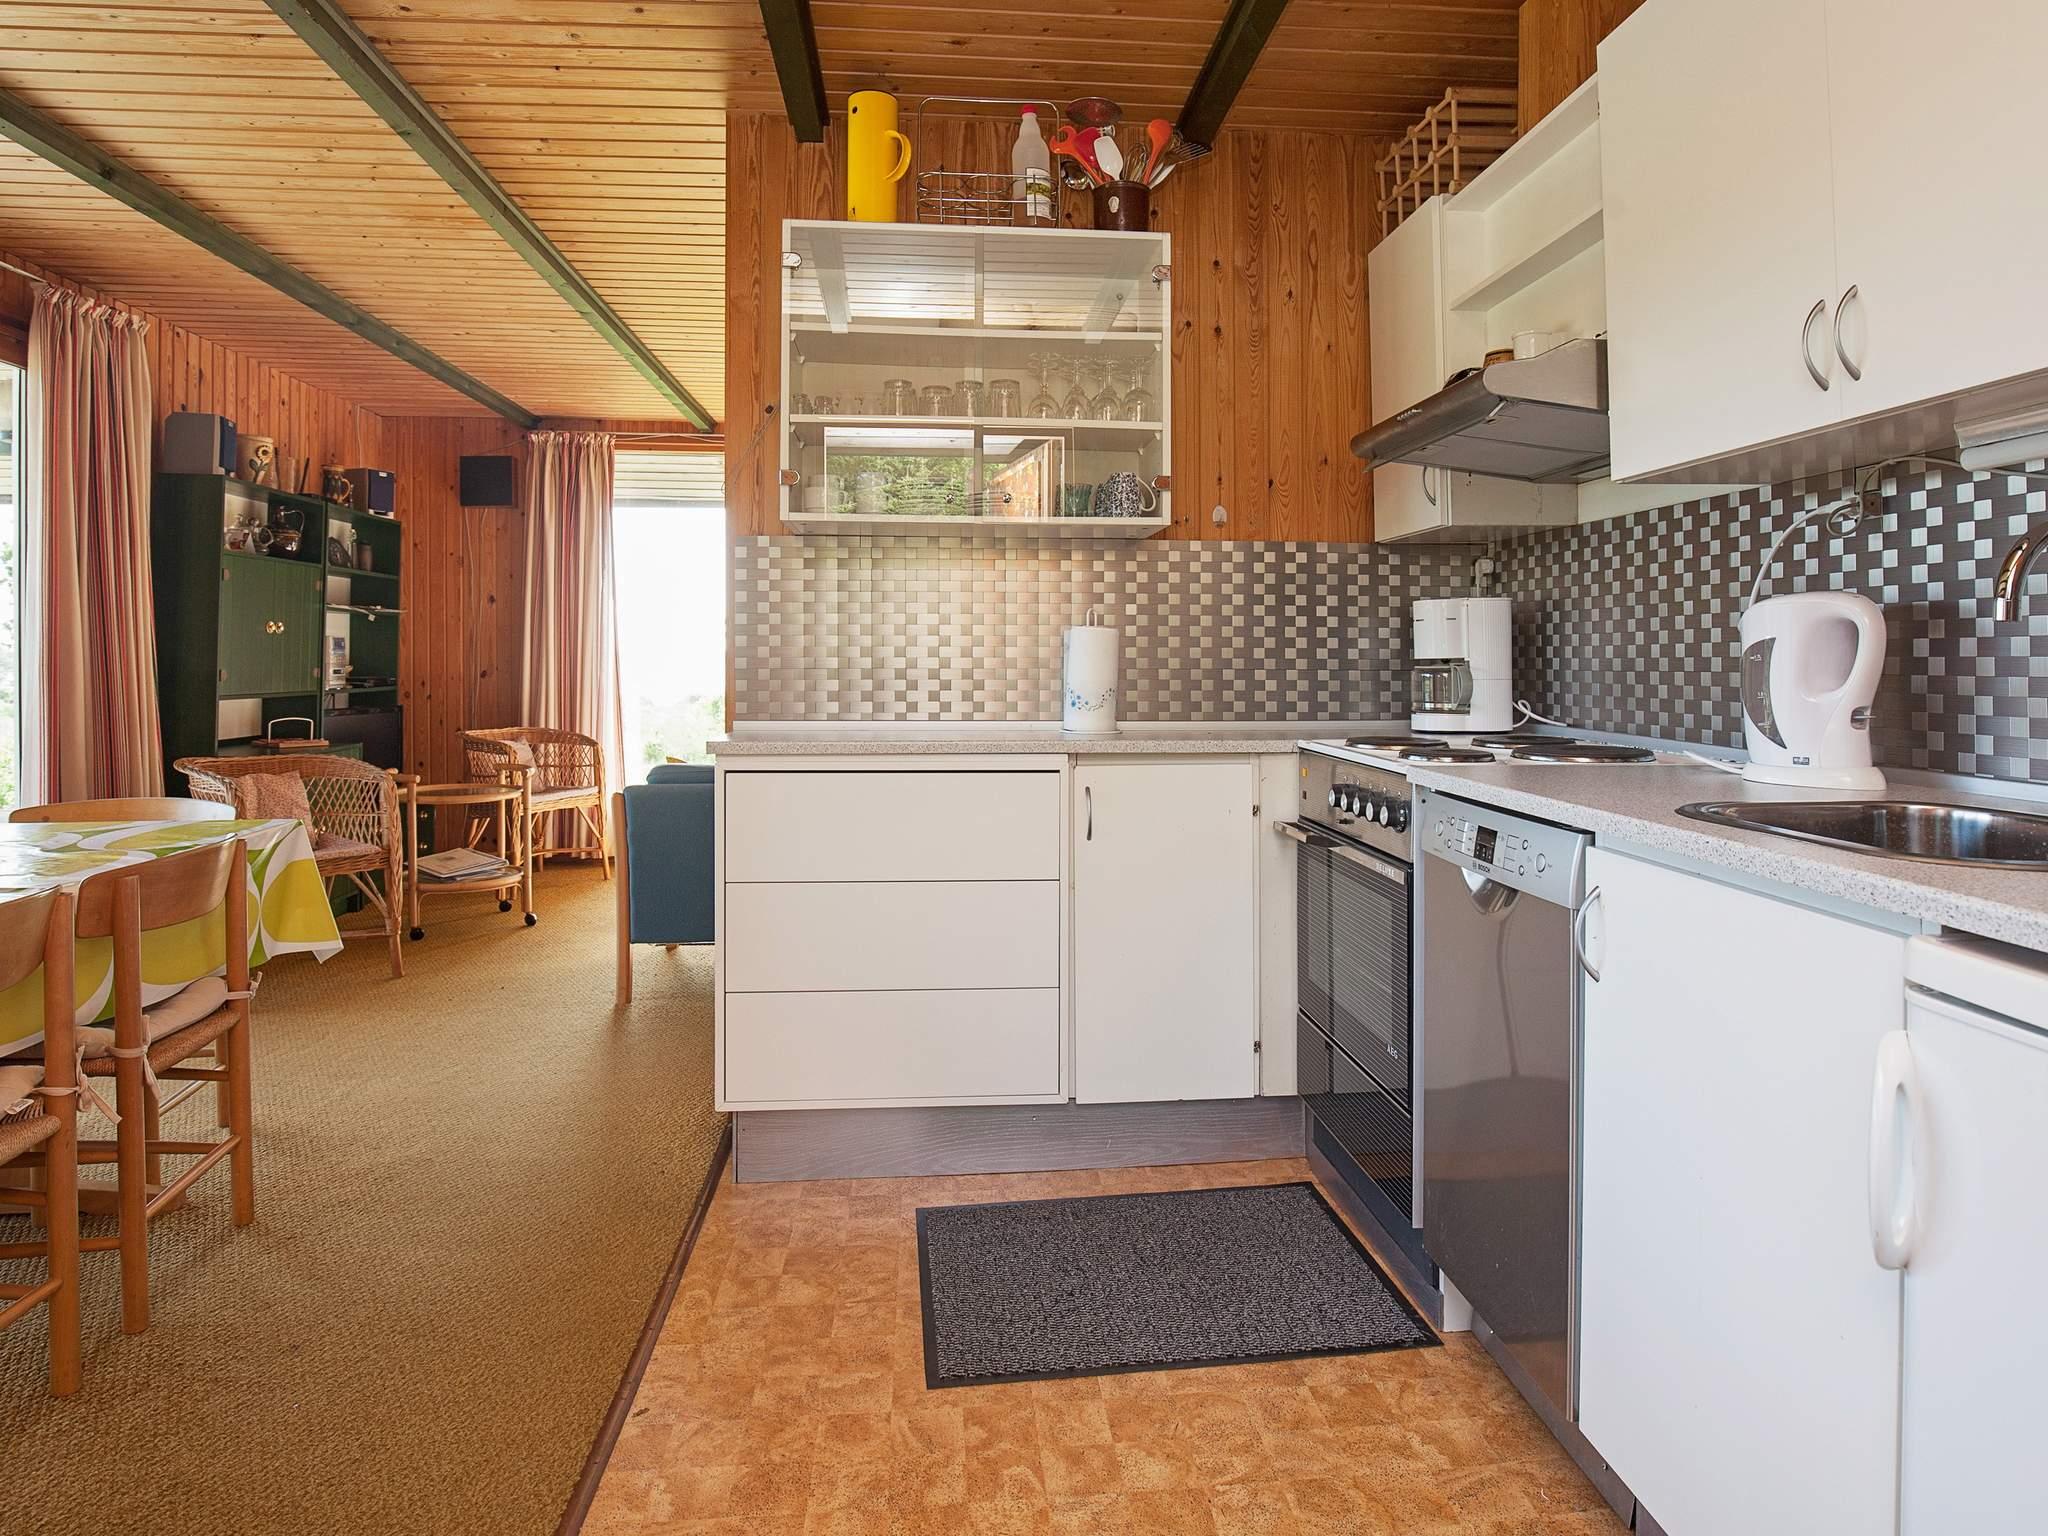 Ferienhaus Lynderup (83810), Lynderup, , Ostjütland, Dänemark, Bild 8